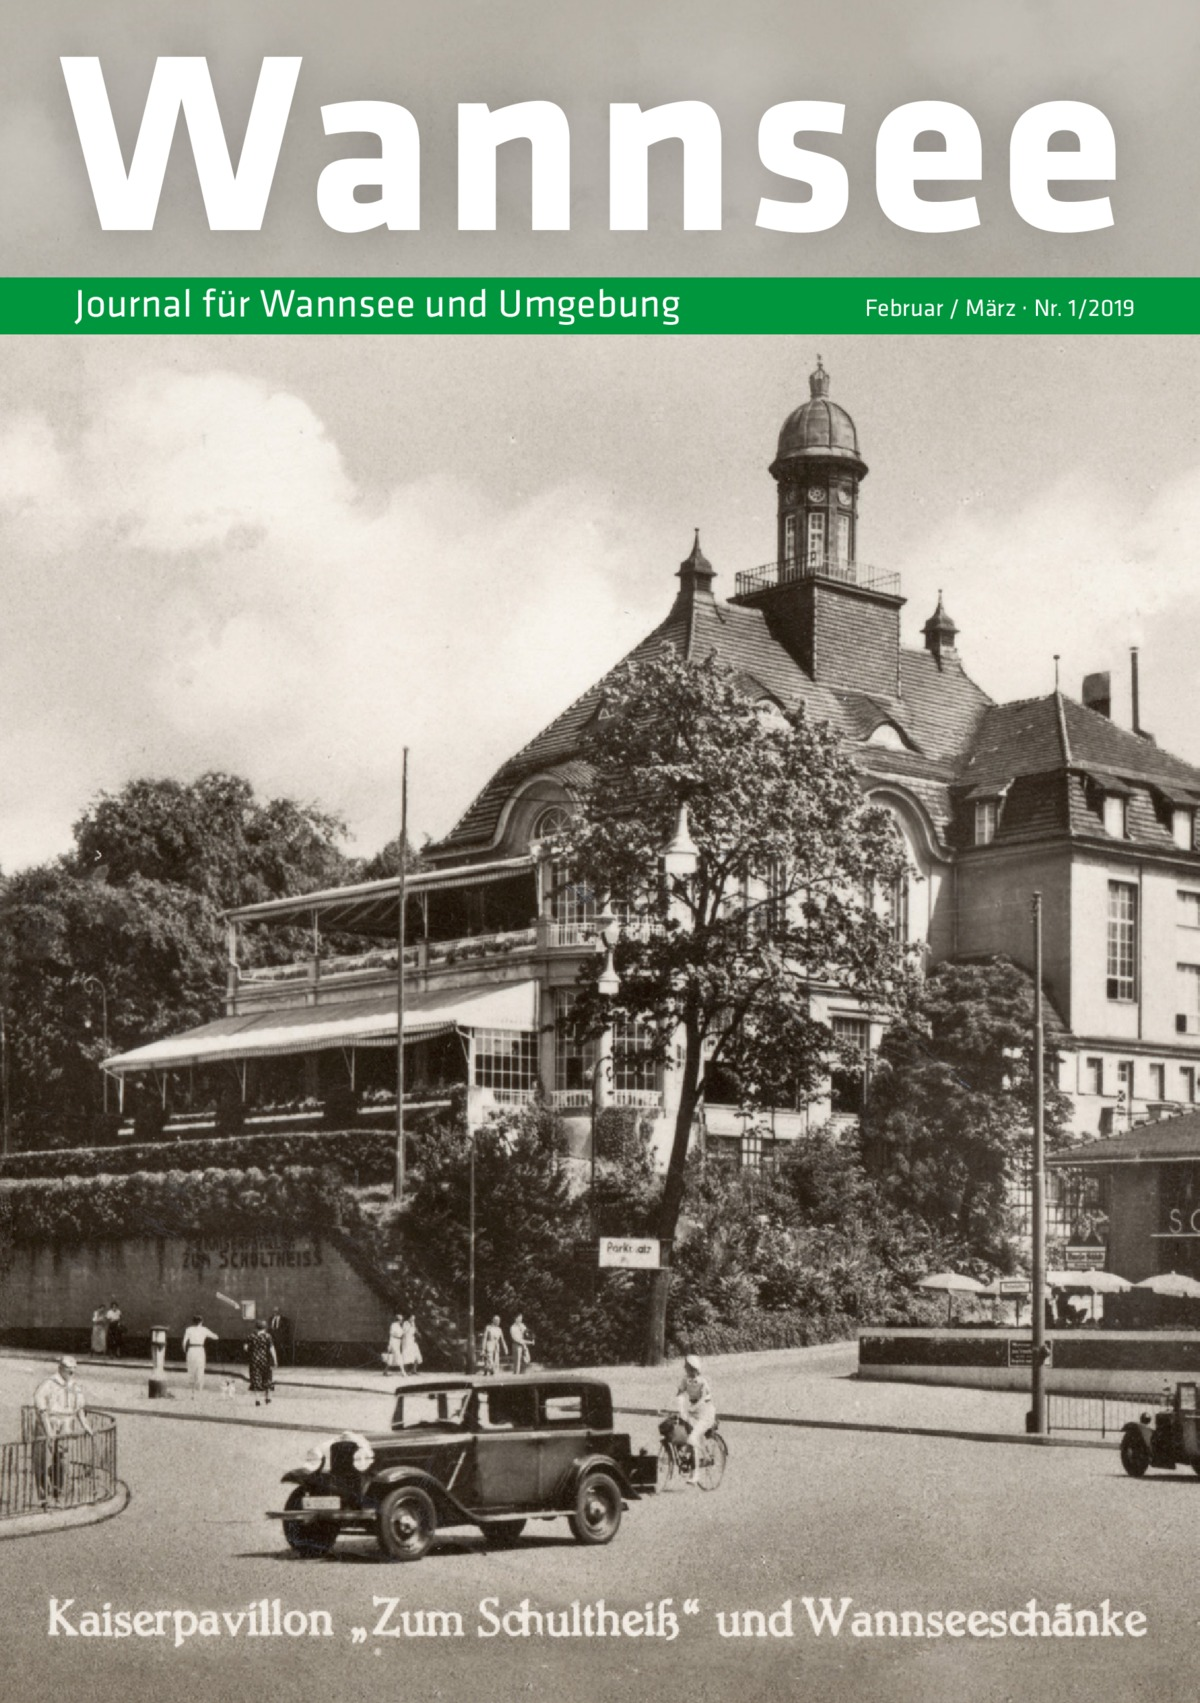 Wannsee Journal für Wannsee und Umgebung  Februar / März · Nr. 1/2019